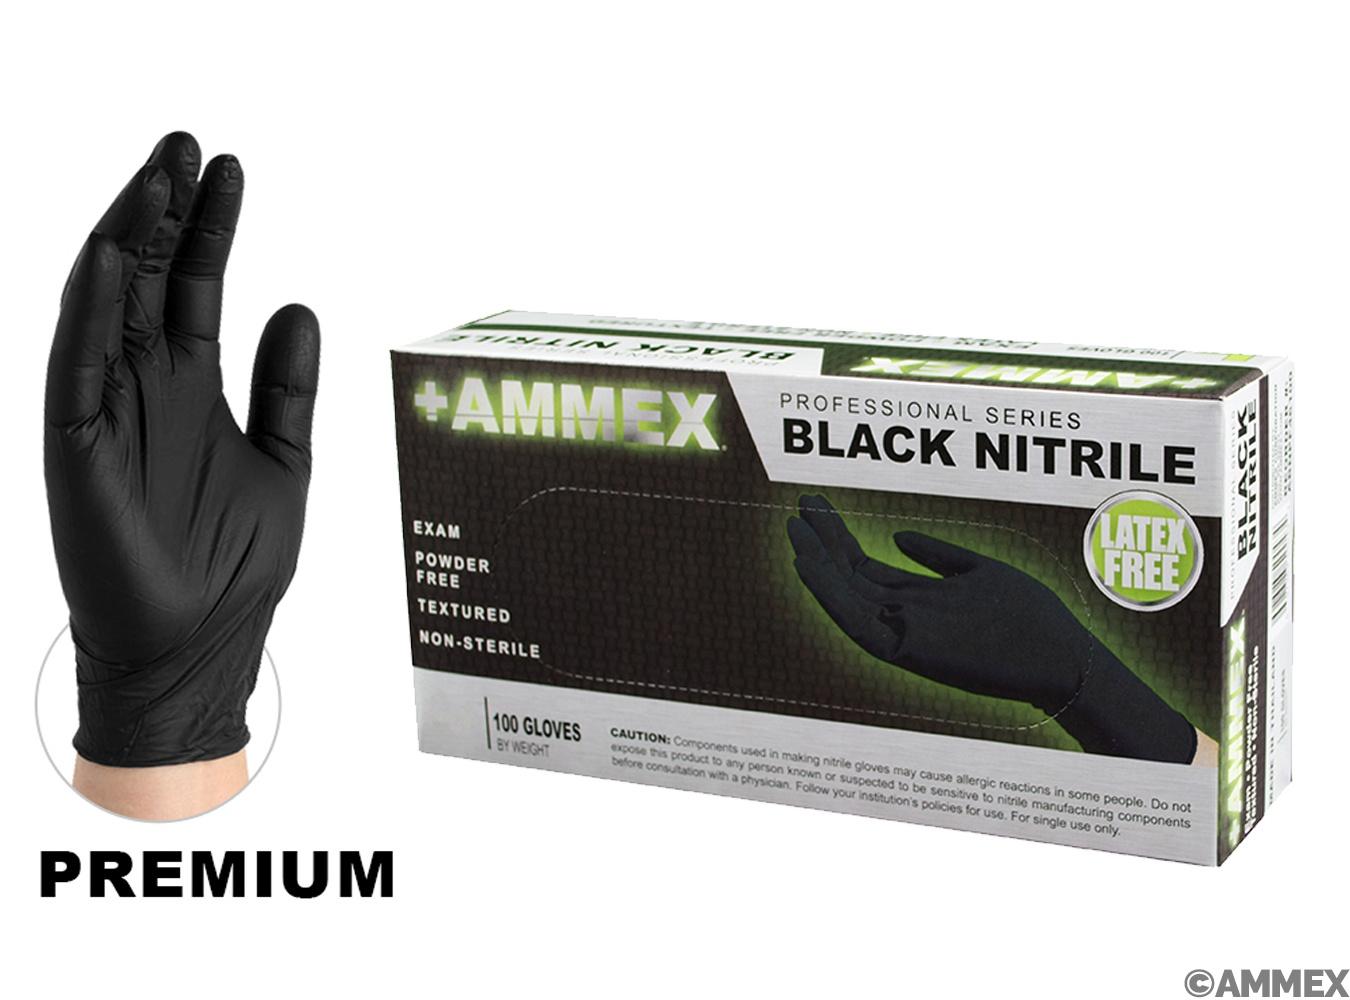 ABNPF_Black Nitrile-1